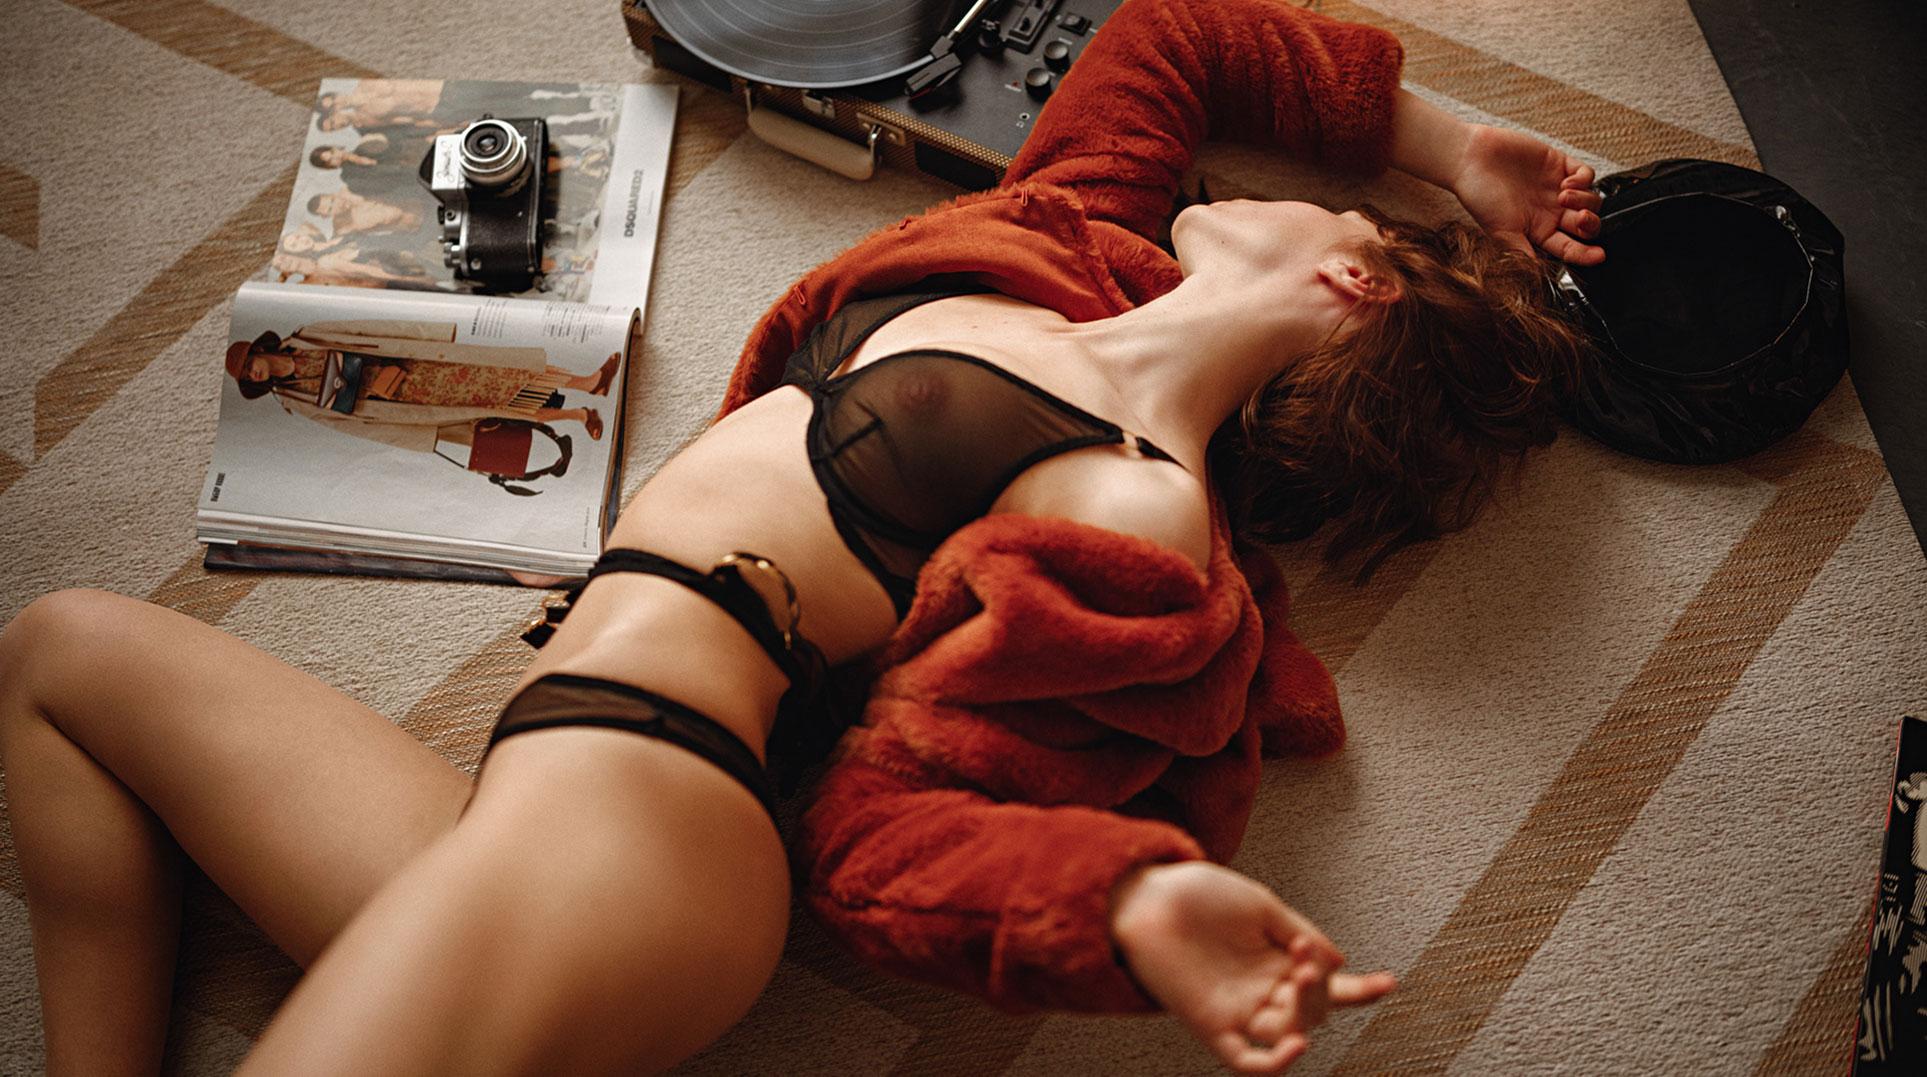 Марта Громова, фотограф Георгий Чернядьев / фото 01